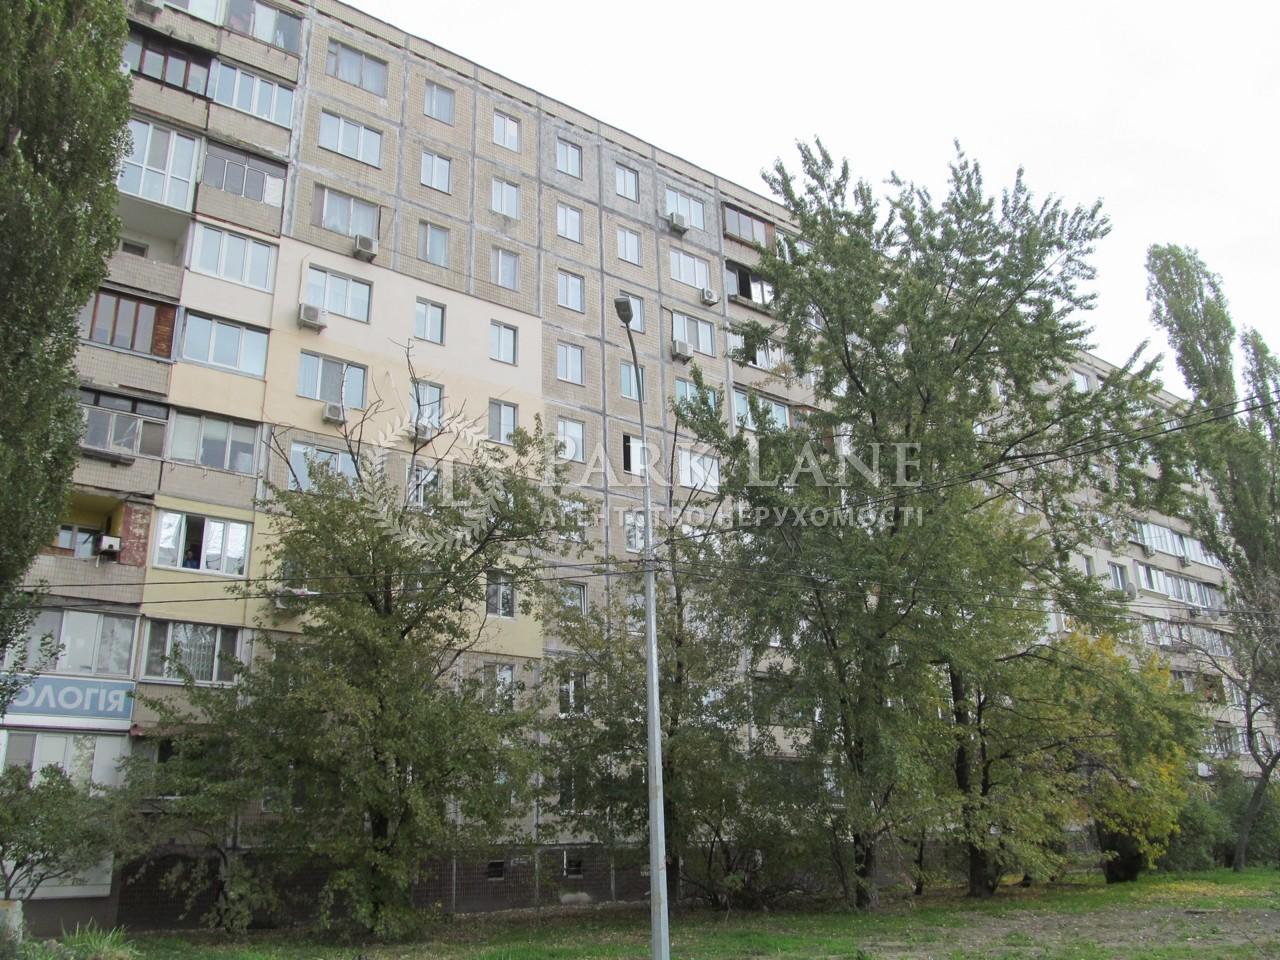 Квартира вул. Дніпровська наб., 9, Київ, R-20099 - Фото 4